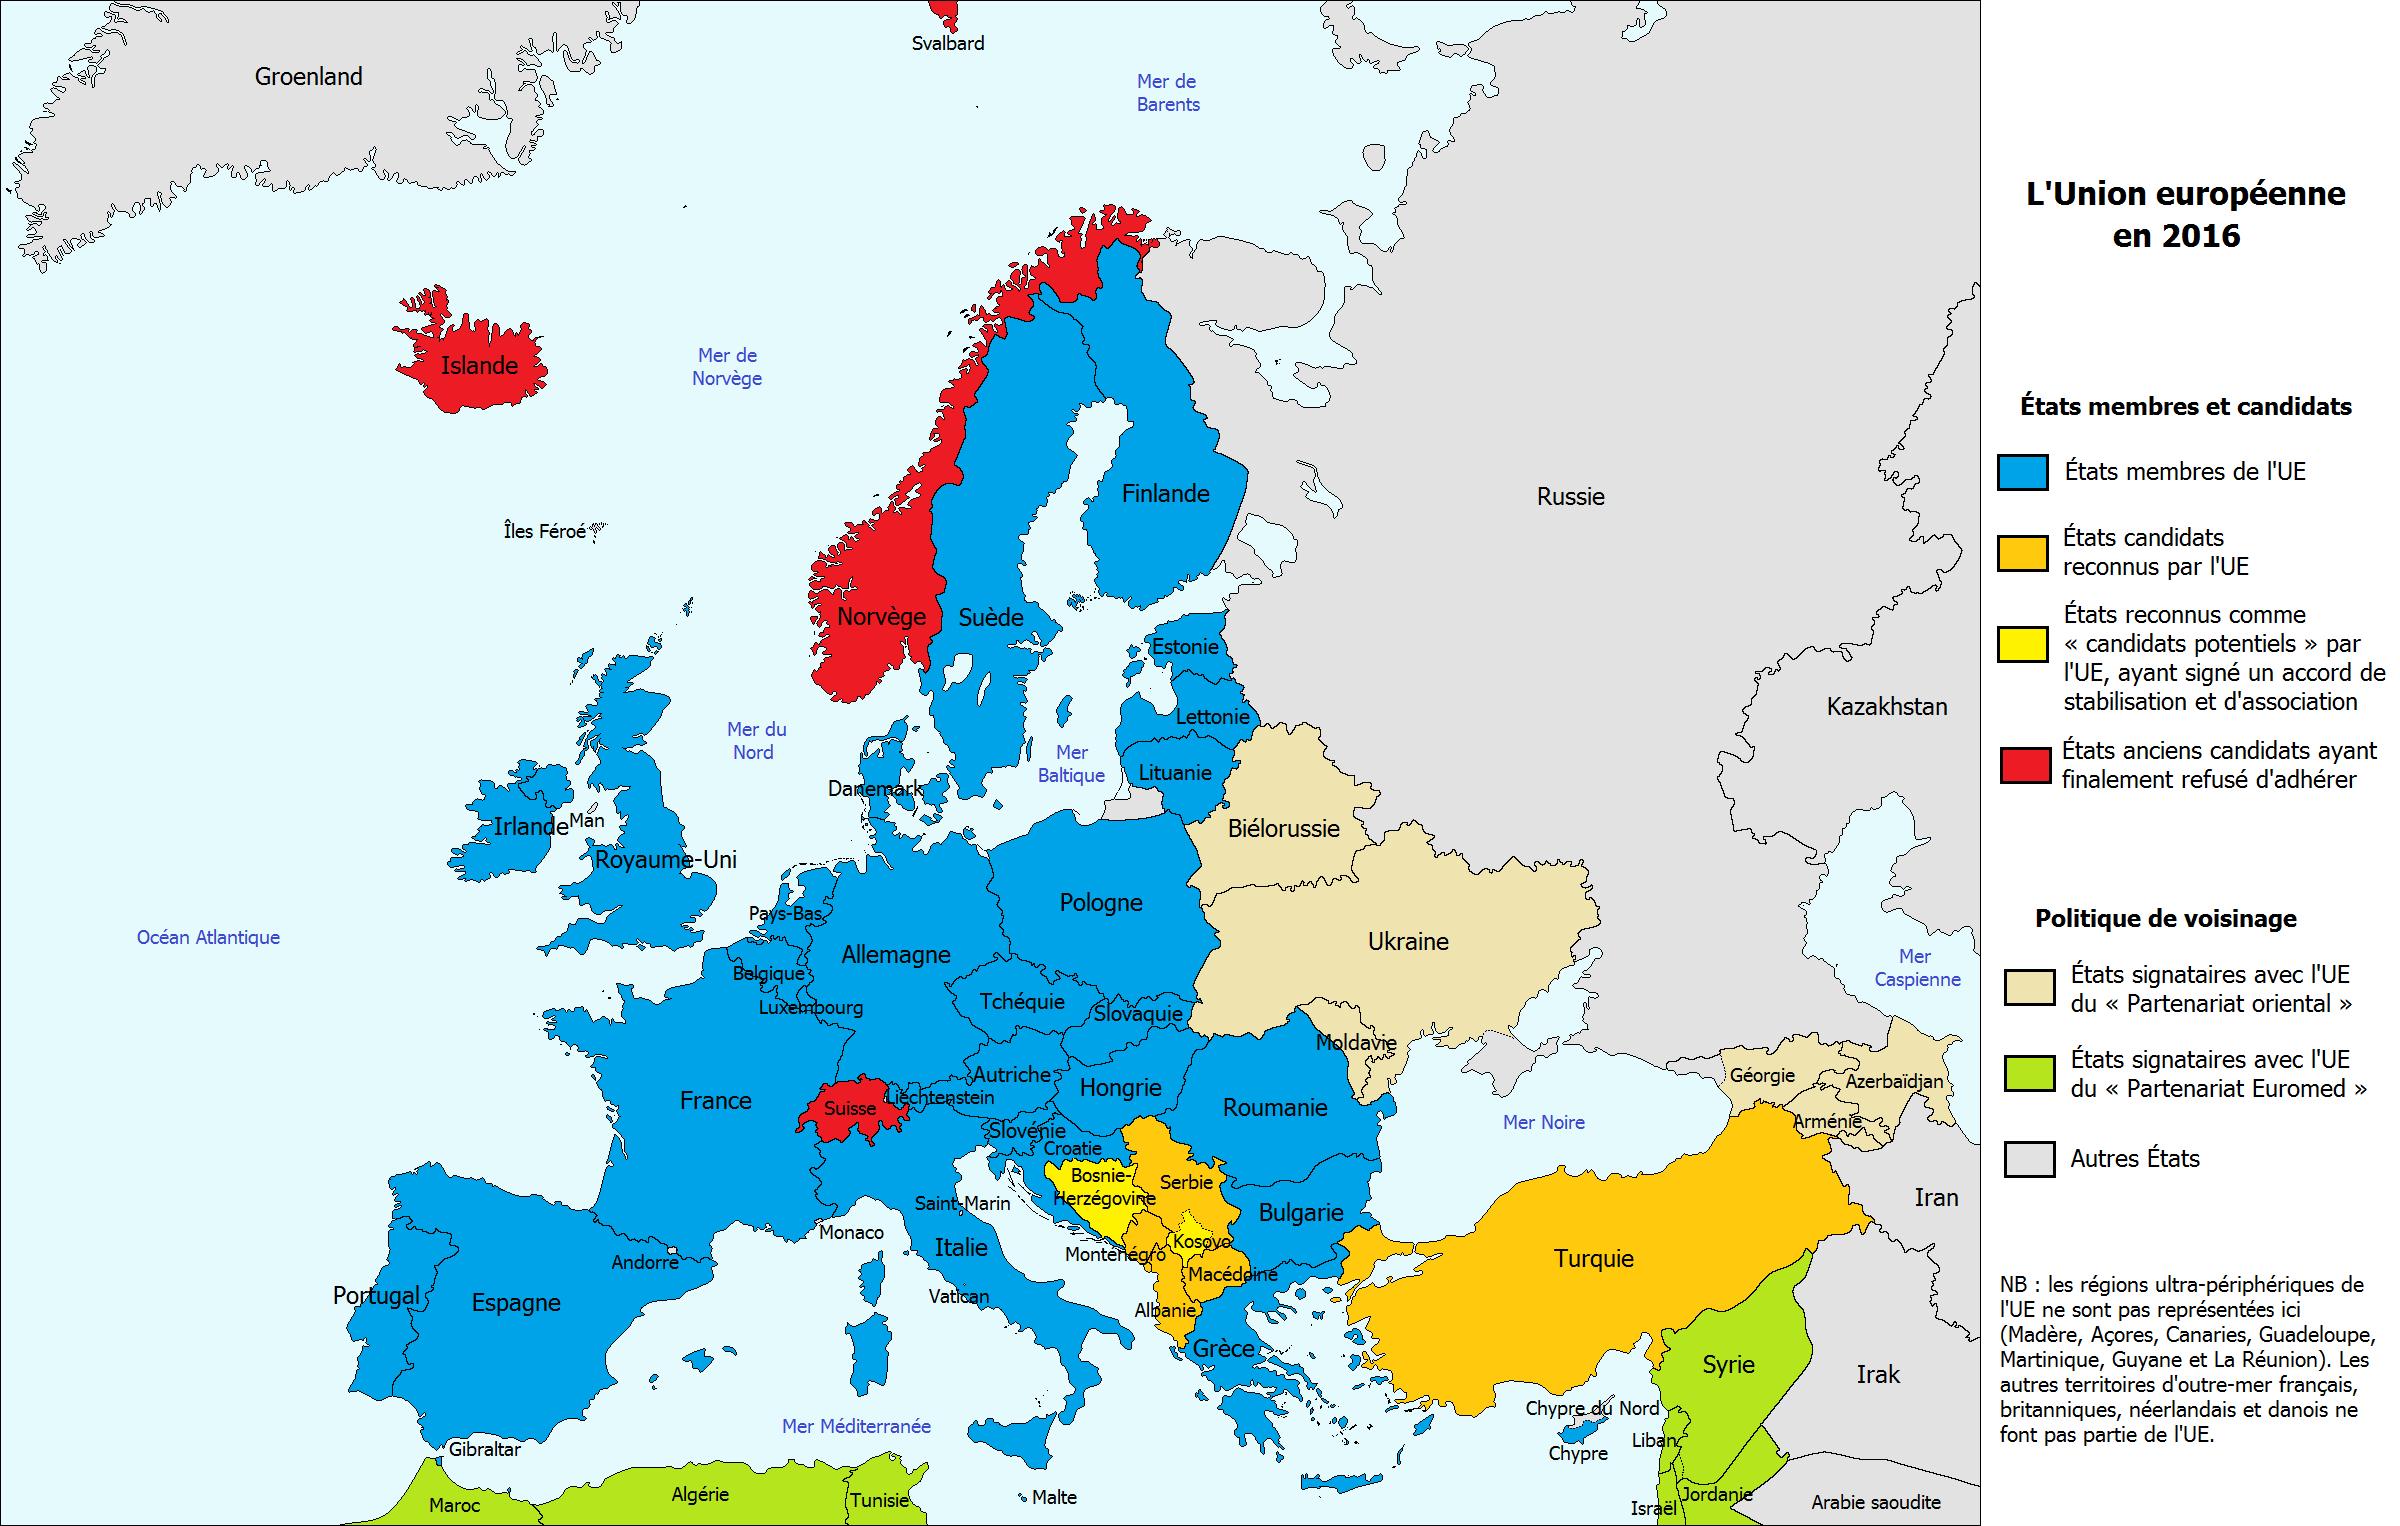 La Carte De L'union Européenne - Parlorama concernant La Carte De L Union Européenne